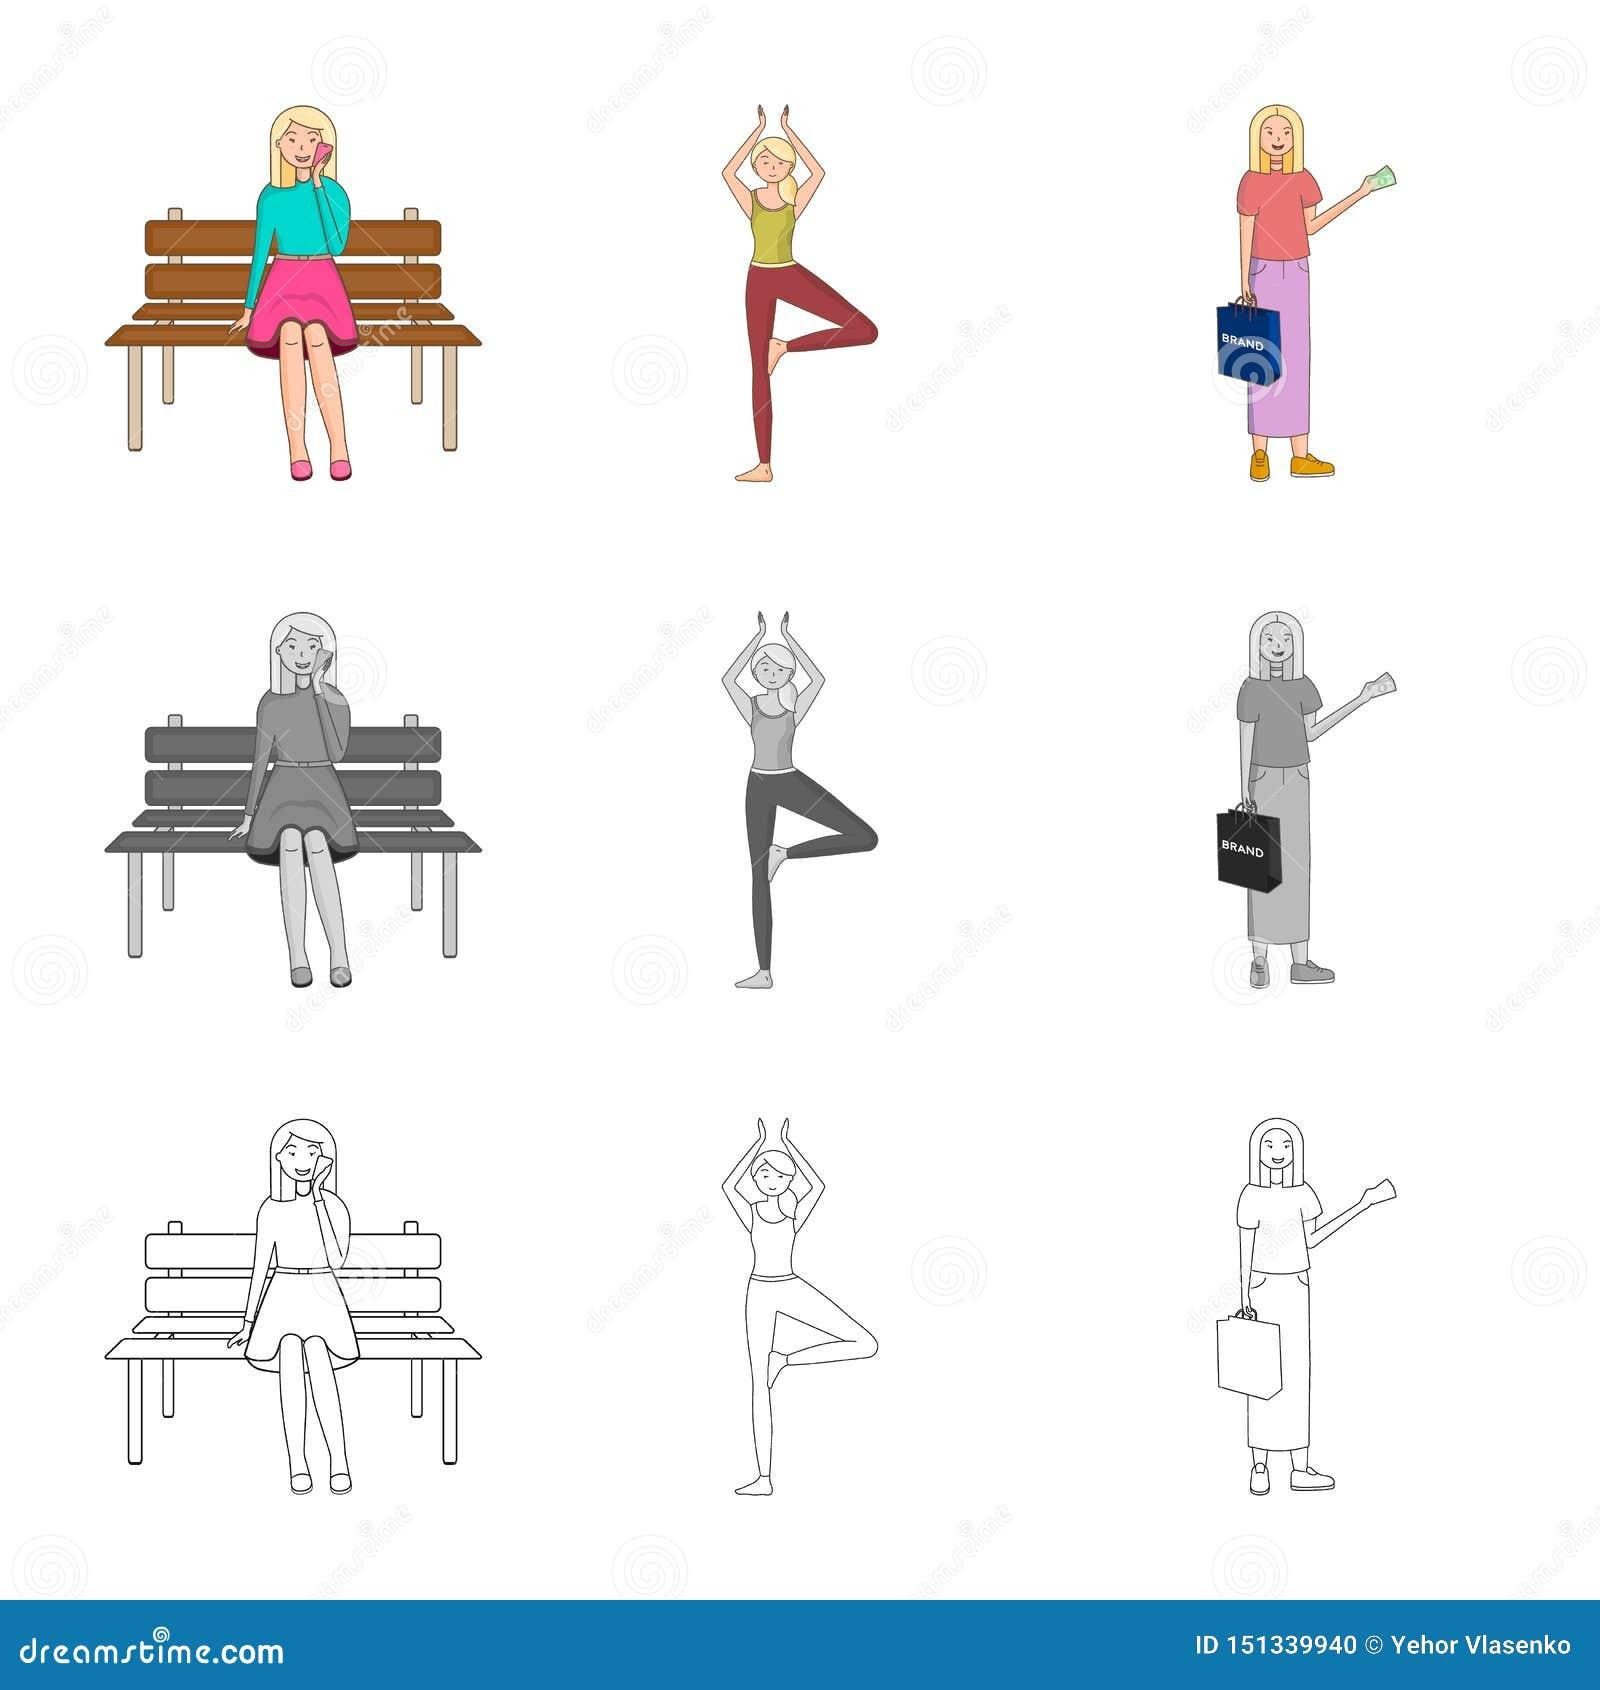 Dise?o del vector de icono de la postura y del humor Fije de postura y del s?mbolo com?n femenino para la web